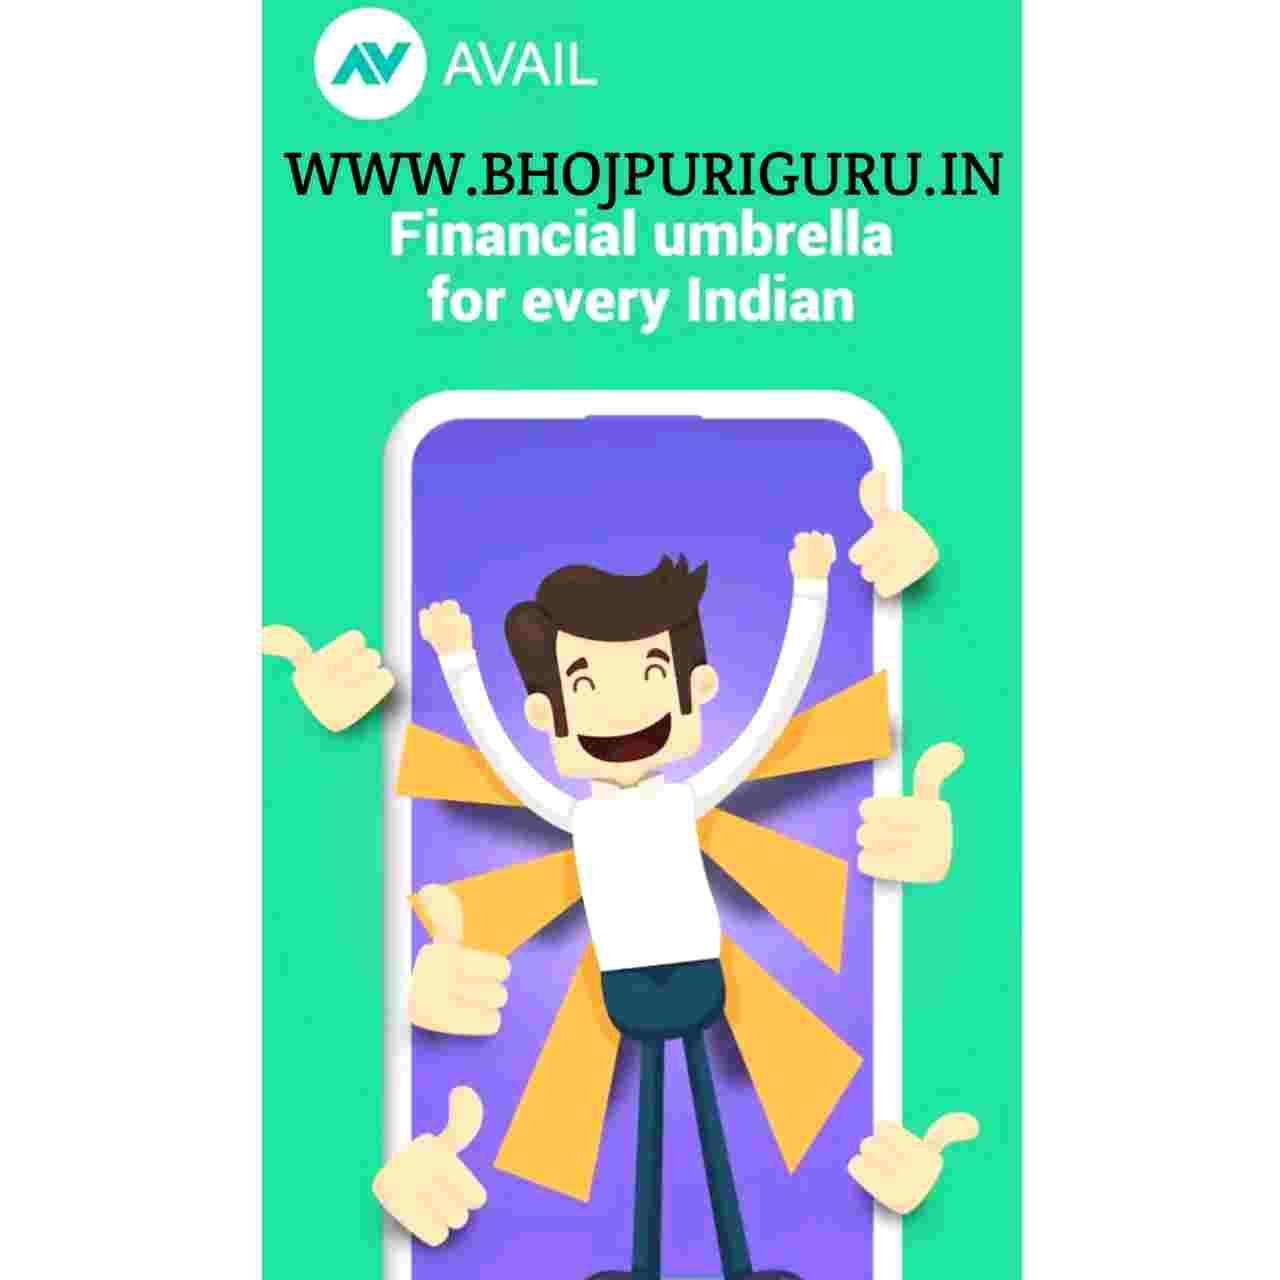 Avail Finance Loan कितने % ब्याज पर लोन देती है?